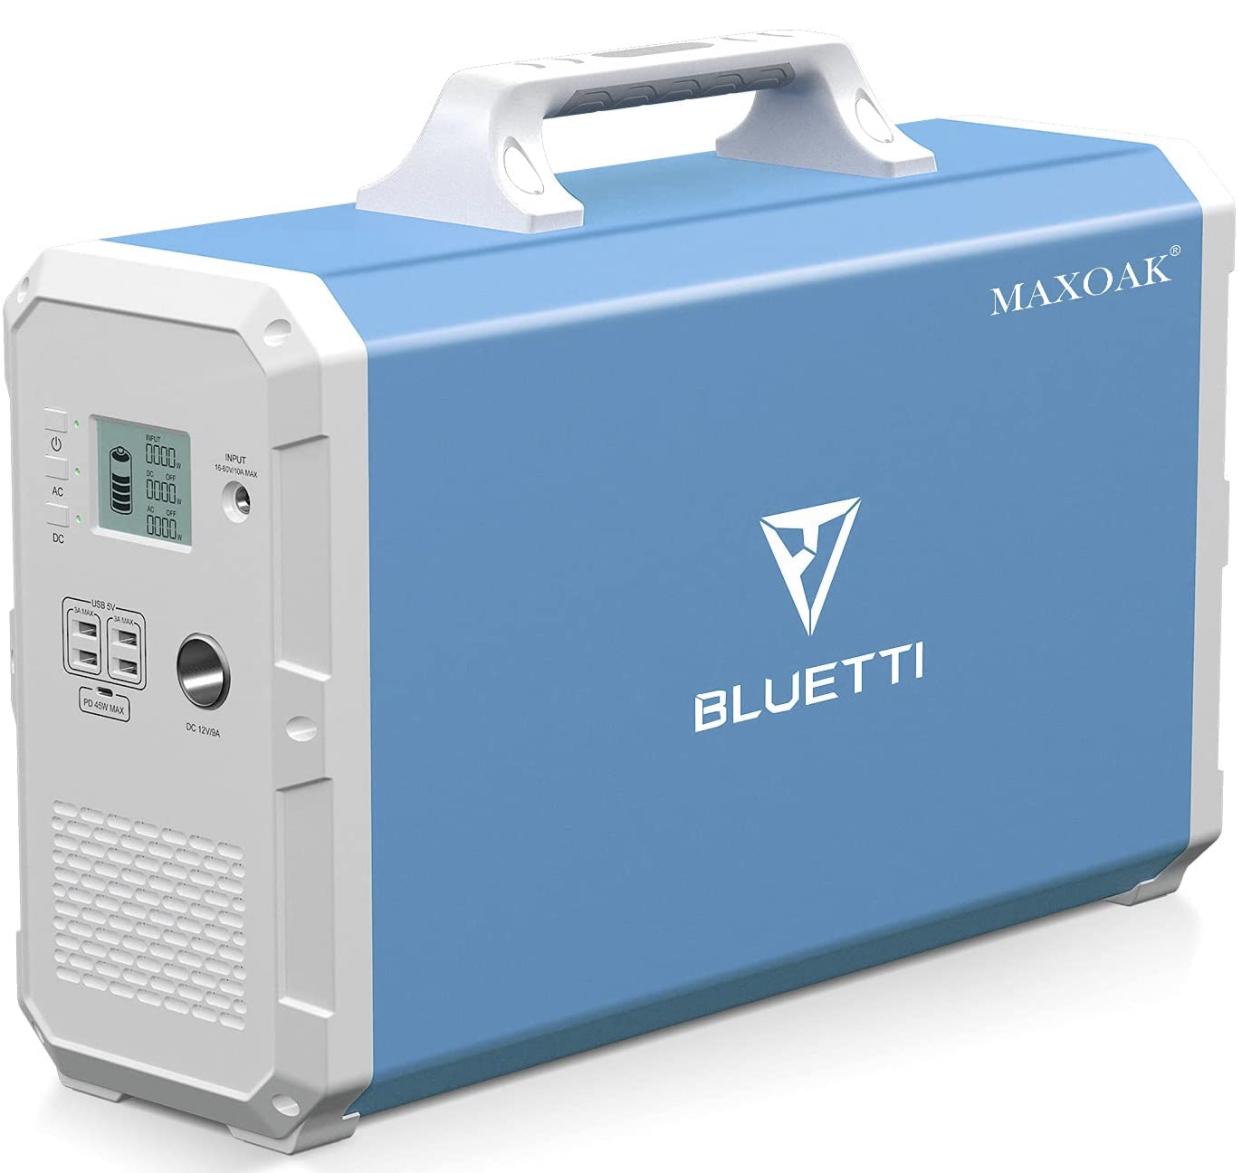 A display of the MAXOAK BLUETTI portable solar generator